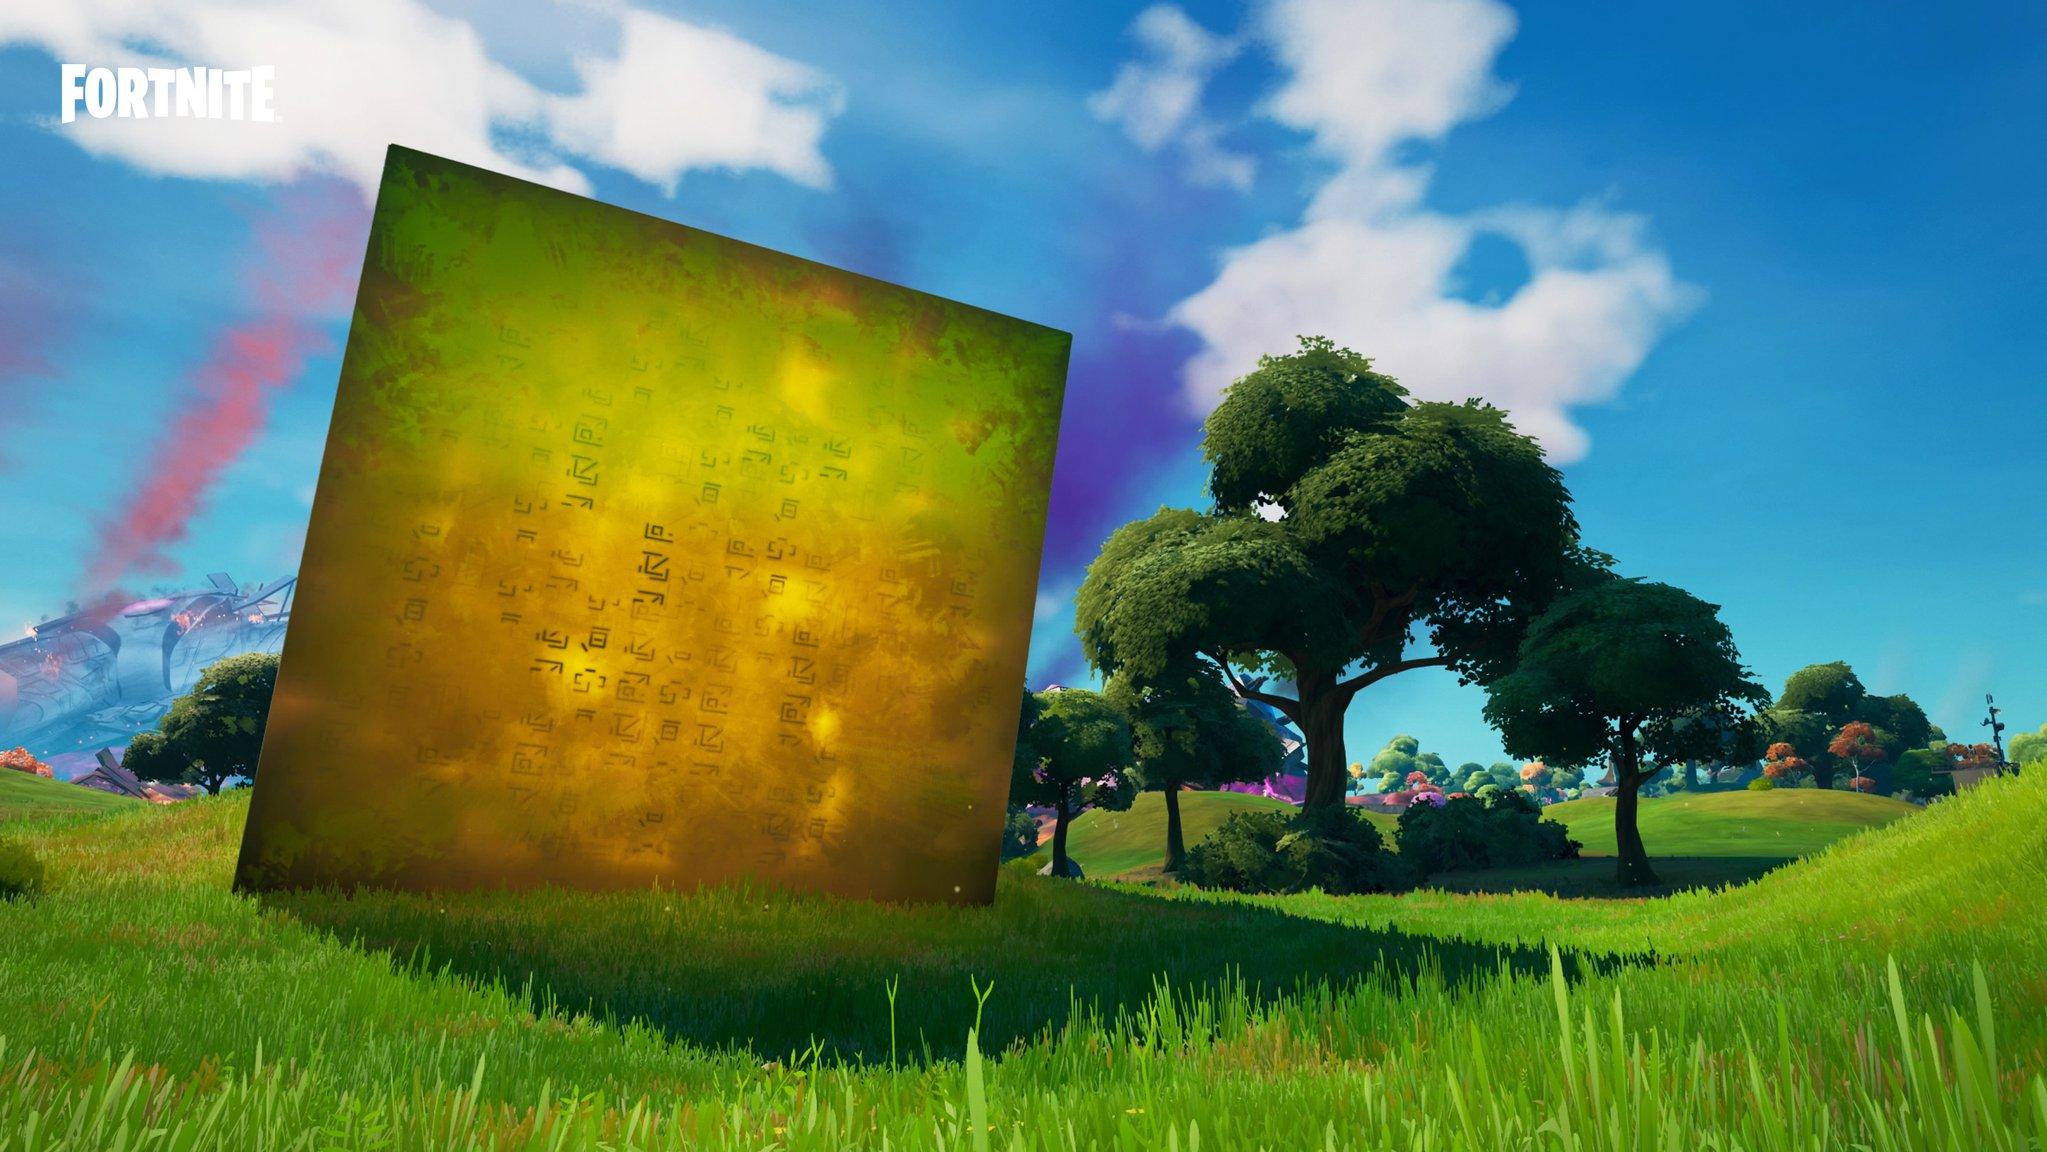 планируют объединиться и разрушить остров фортнайт 2 - Золотой куб активировал фиолетовый куб у Пляжа Прибытия